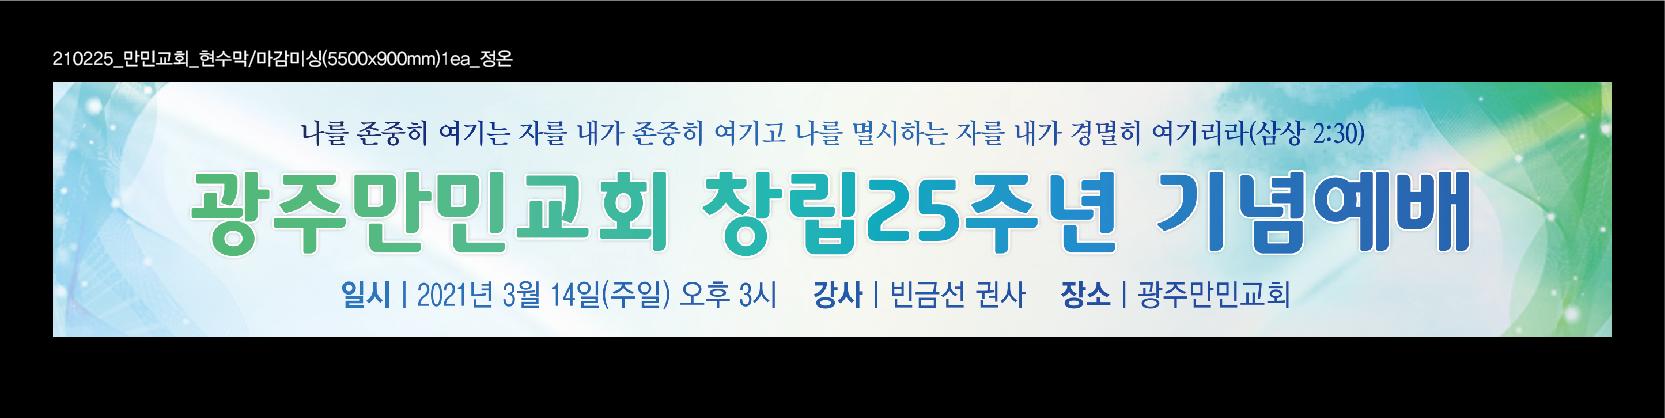 210225_만민교회_현수막